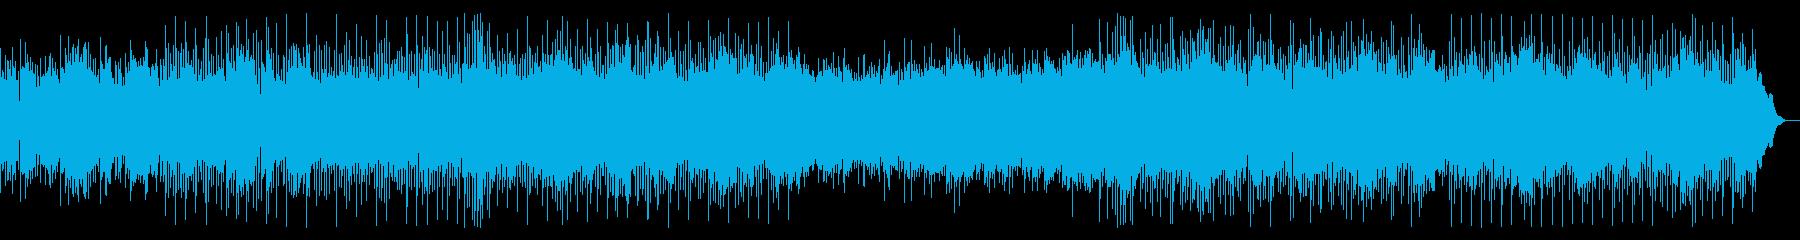 可愛いらしい明るい曲(CM・VLOG)の再生済みの波形